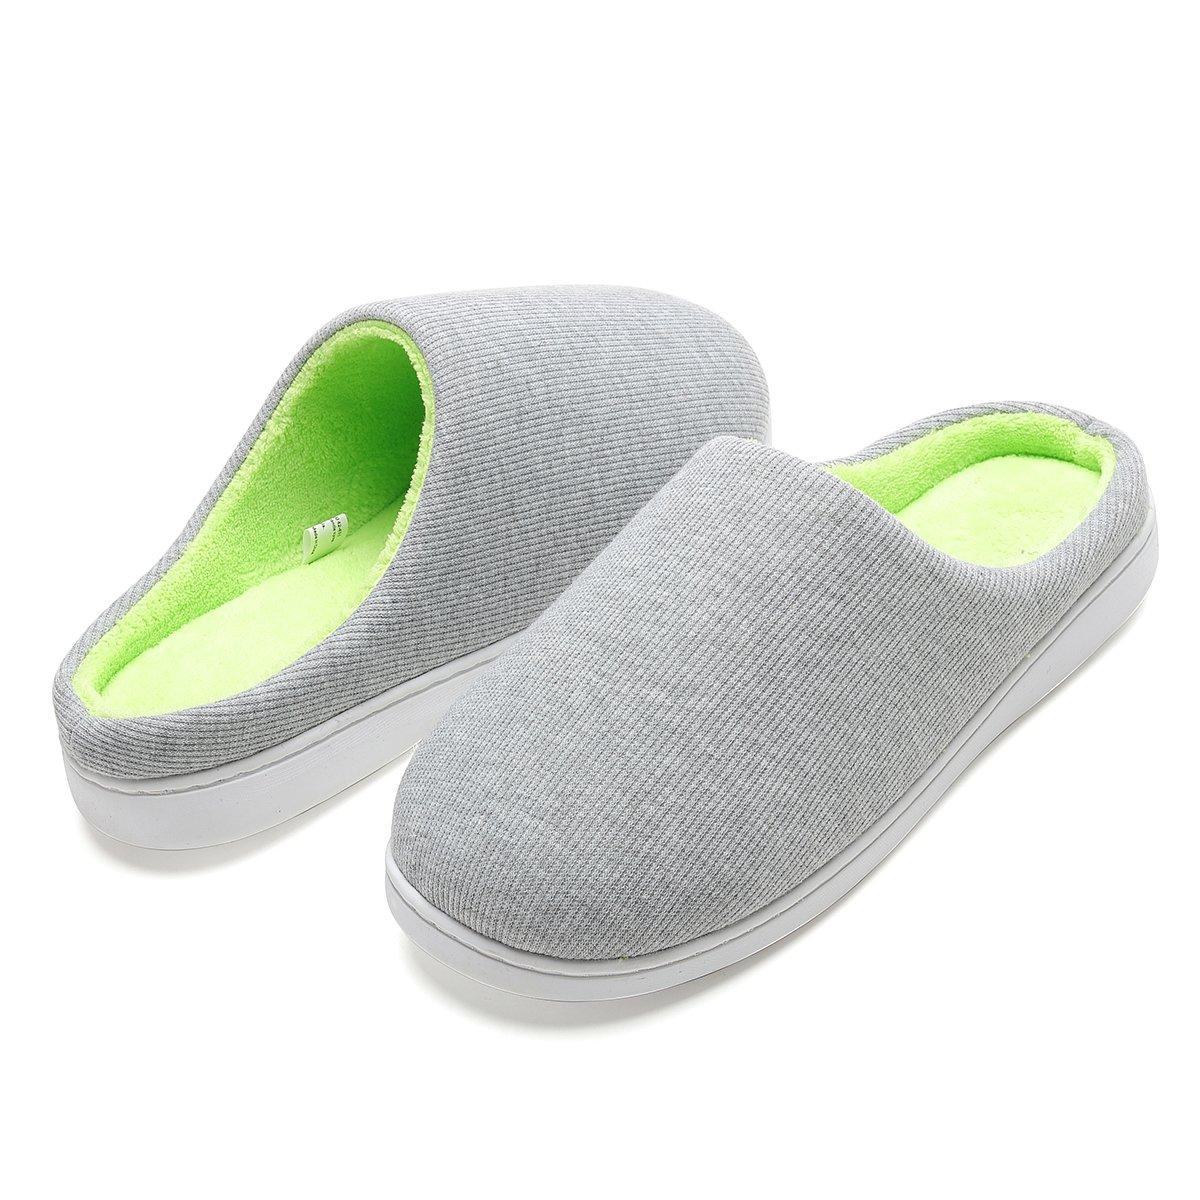 Comfort Memory Foam Breathable Slippers for Men for House Bedroom Living Room